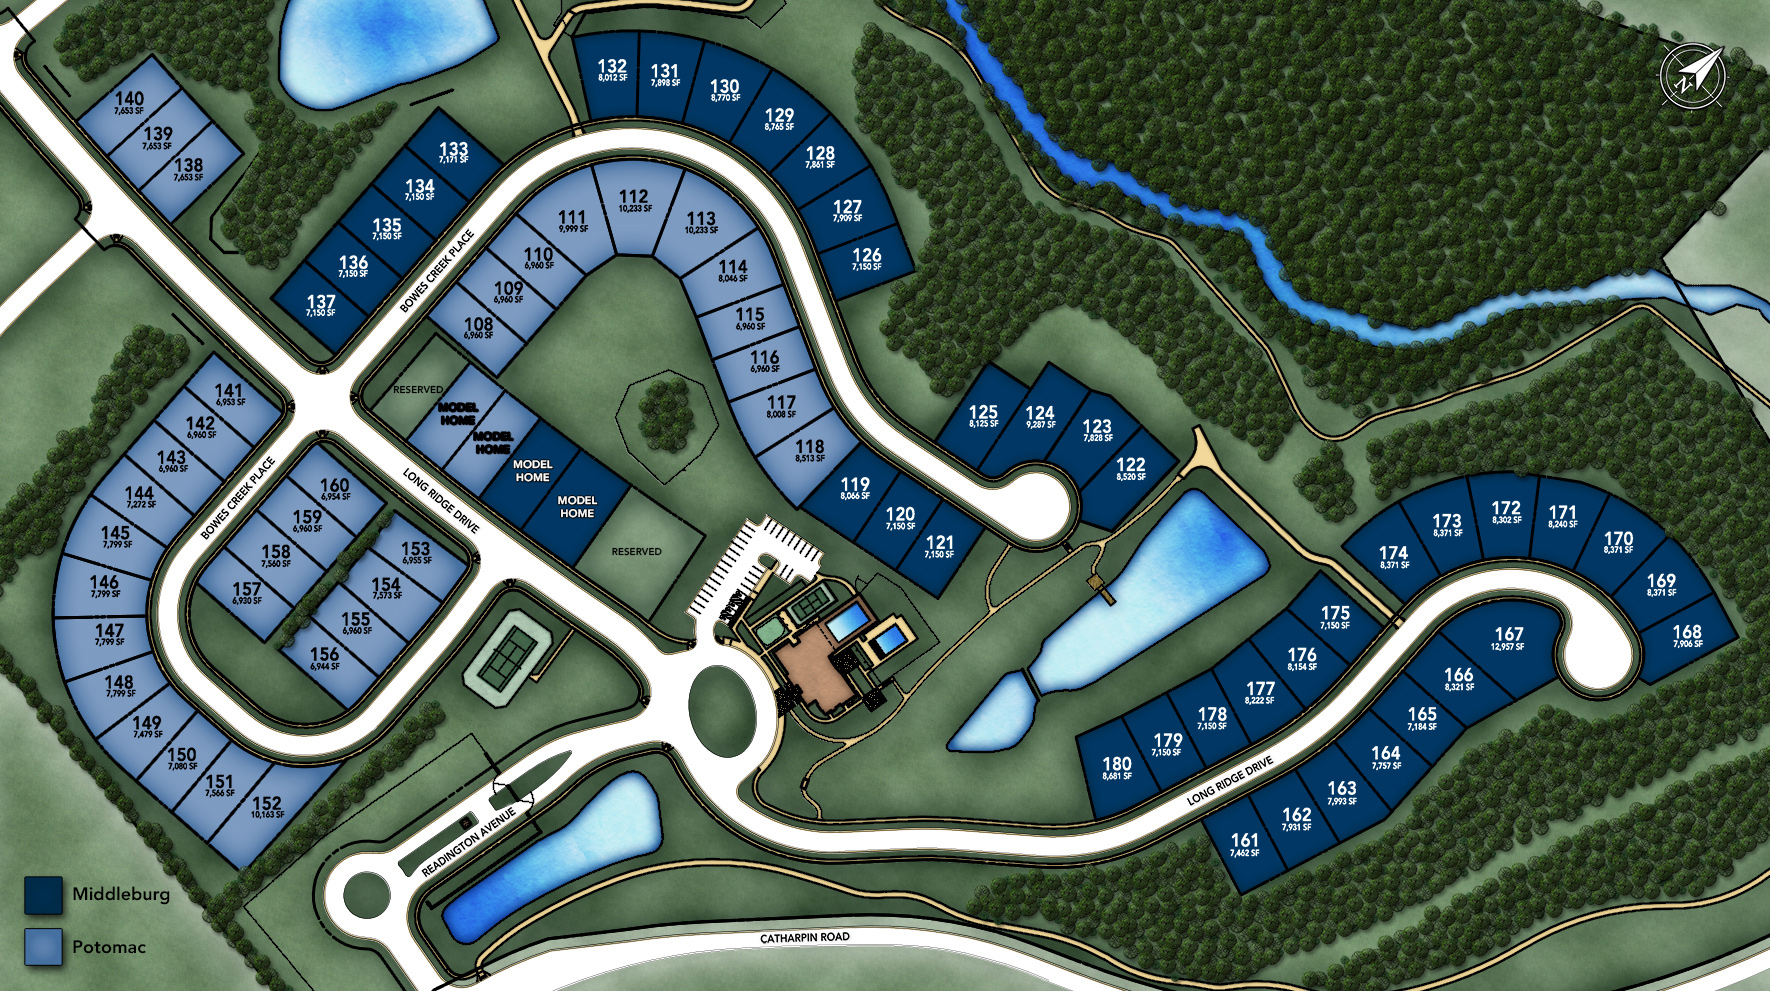 Regency at Creekside - Middleburg Site Plan I